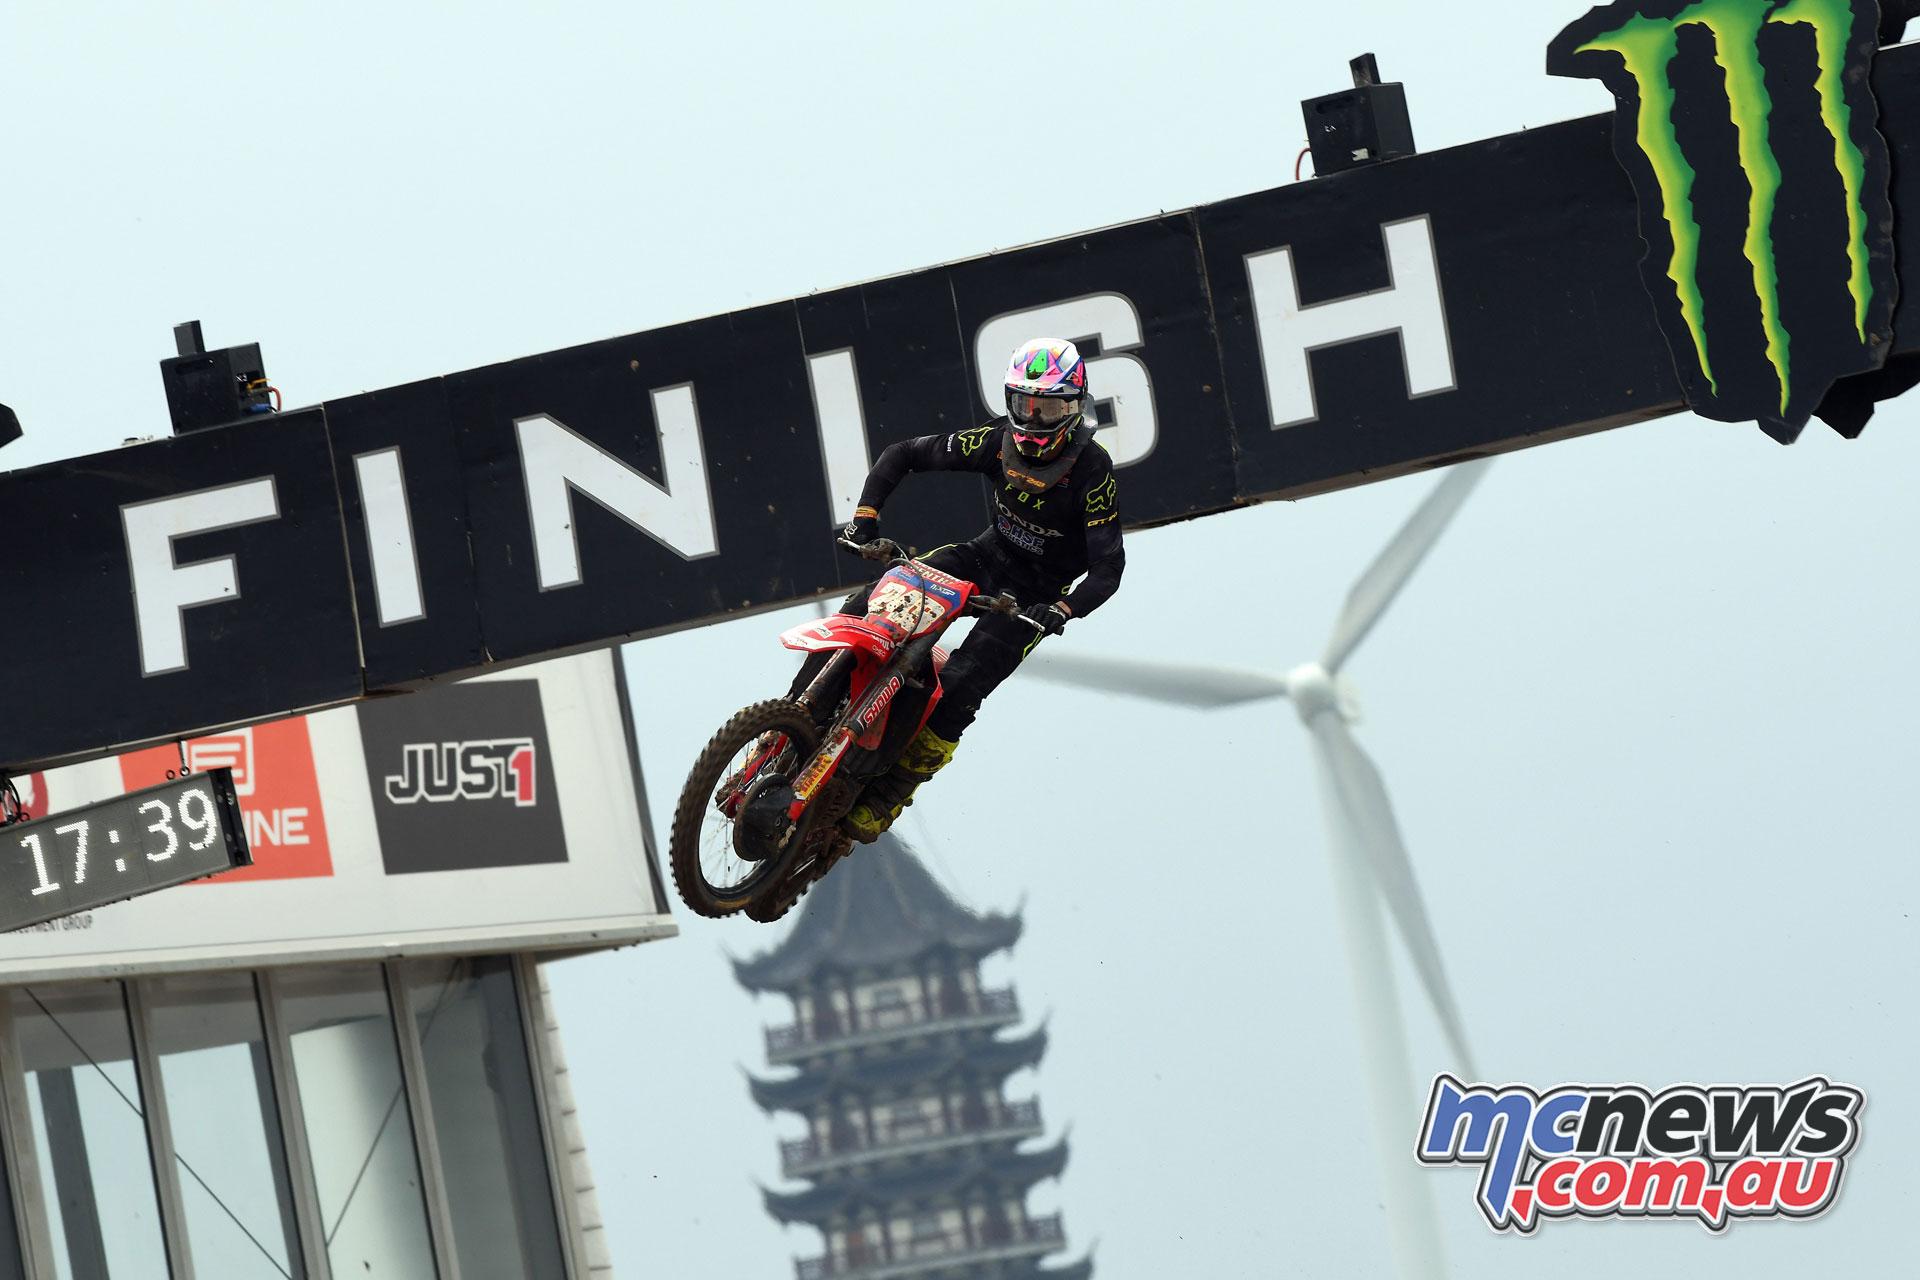 MXGP Rnd China Shanghai MX Gajser action